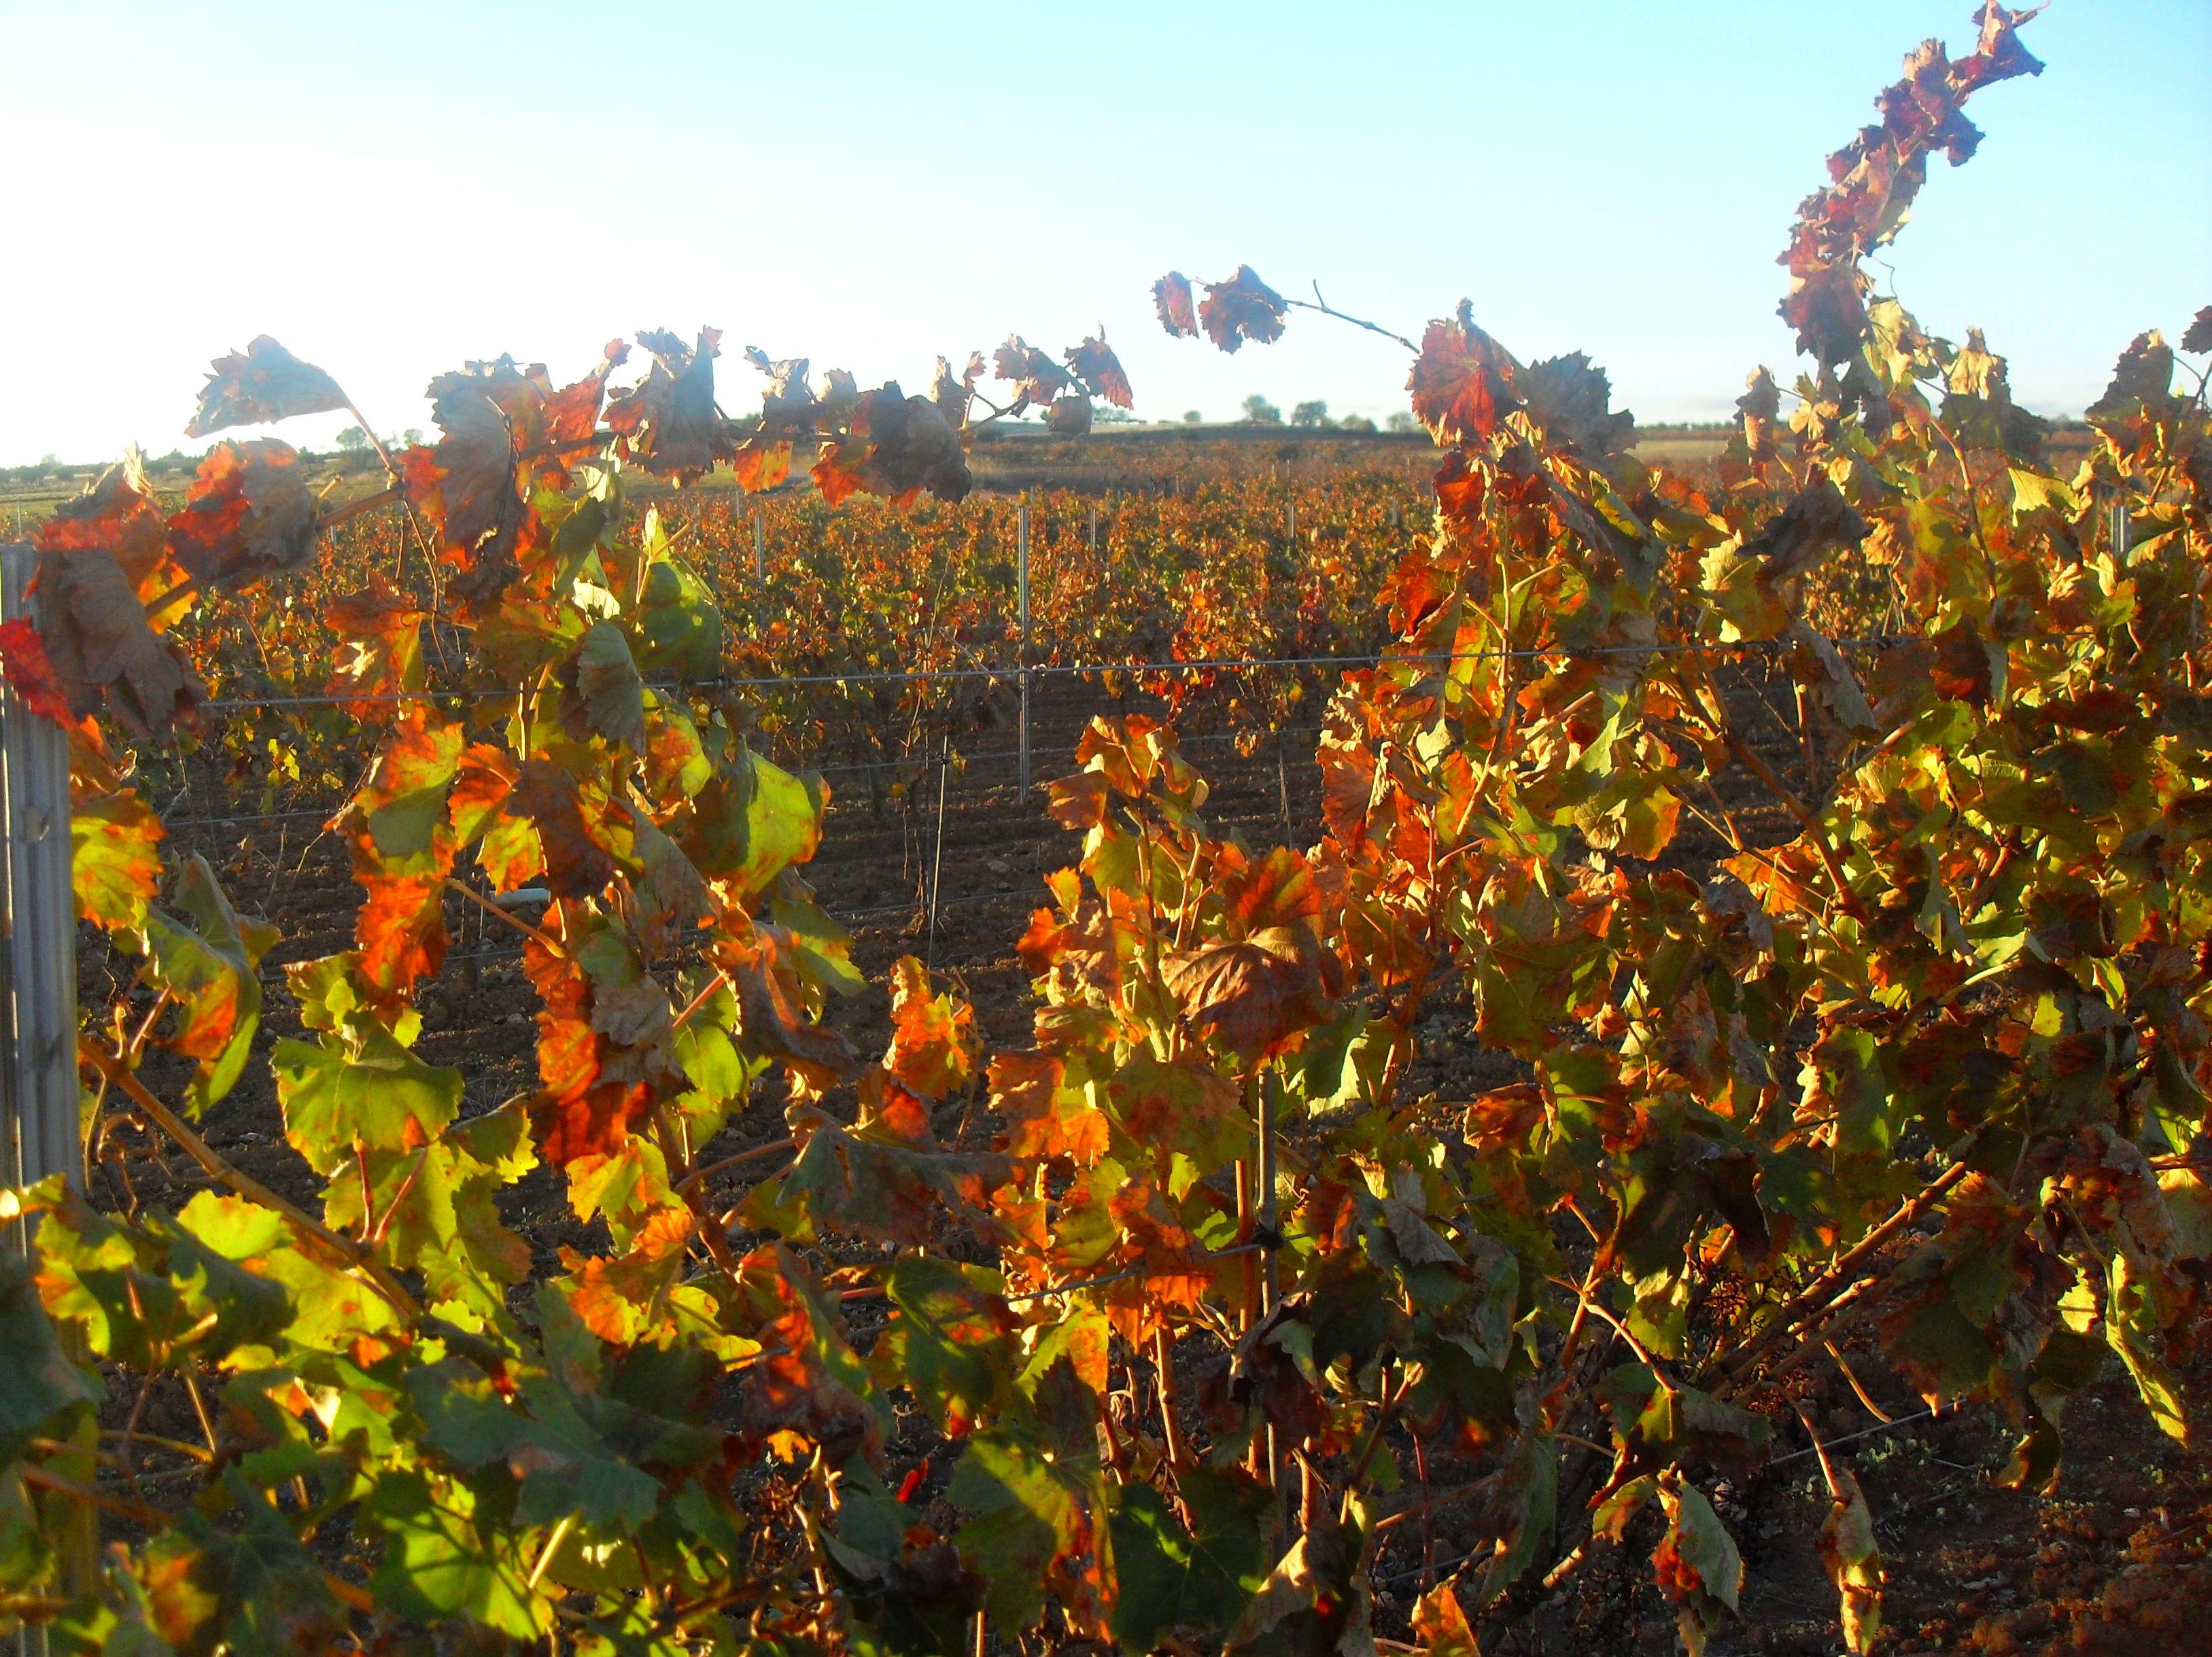 Foto 35 de Venta de vinos con denominación de origen Mondejar en Mondéjar | Bodegas Mariscal